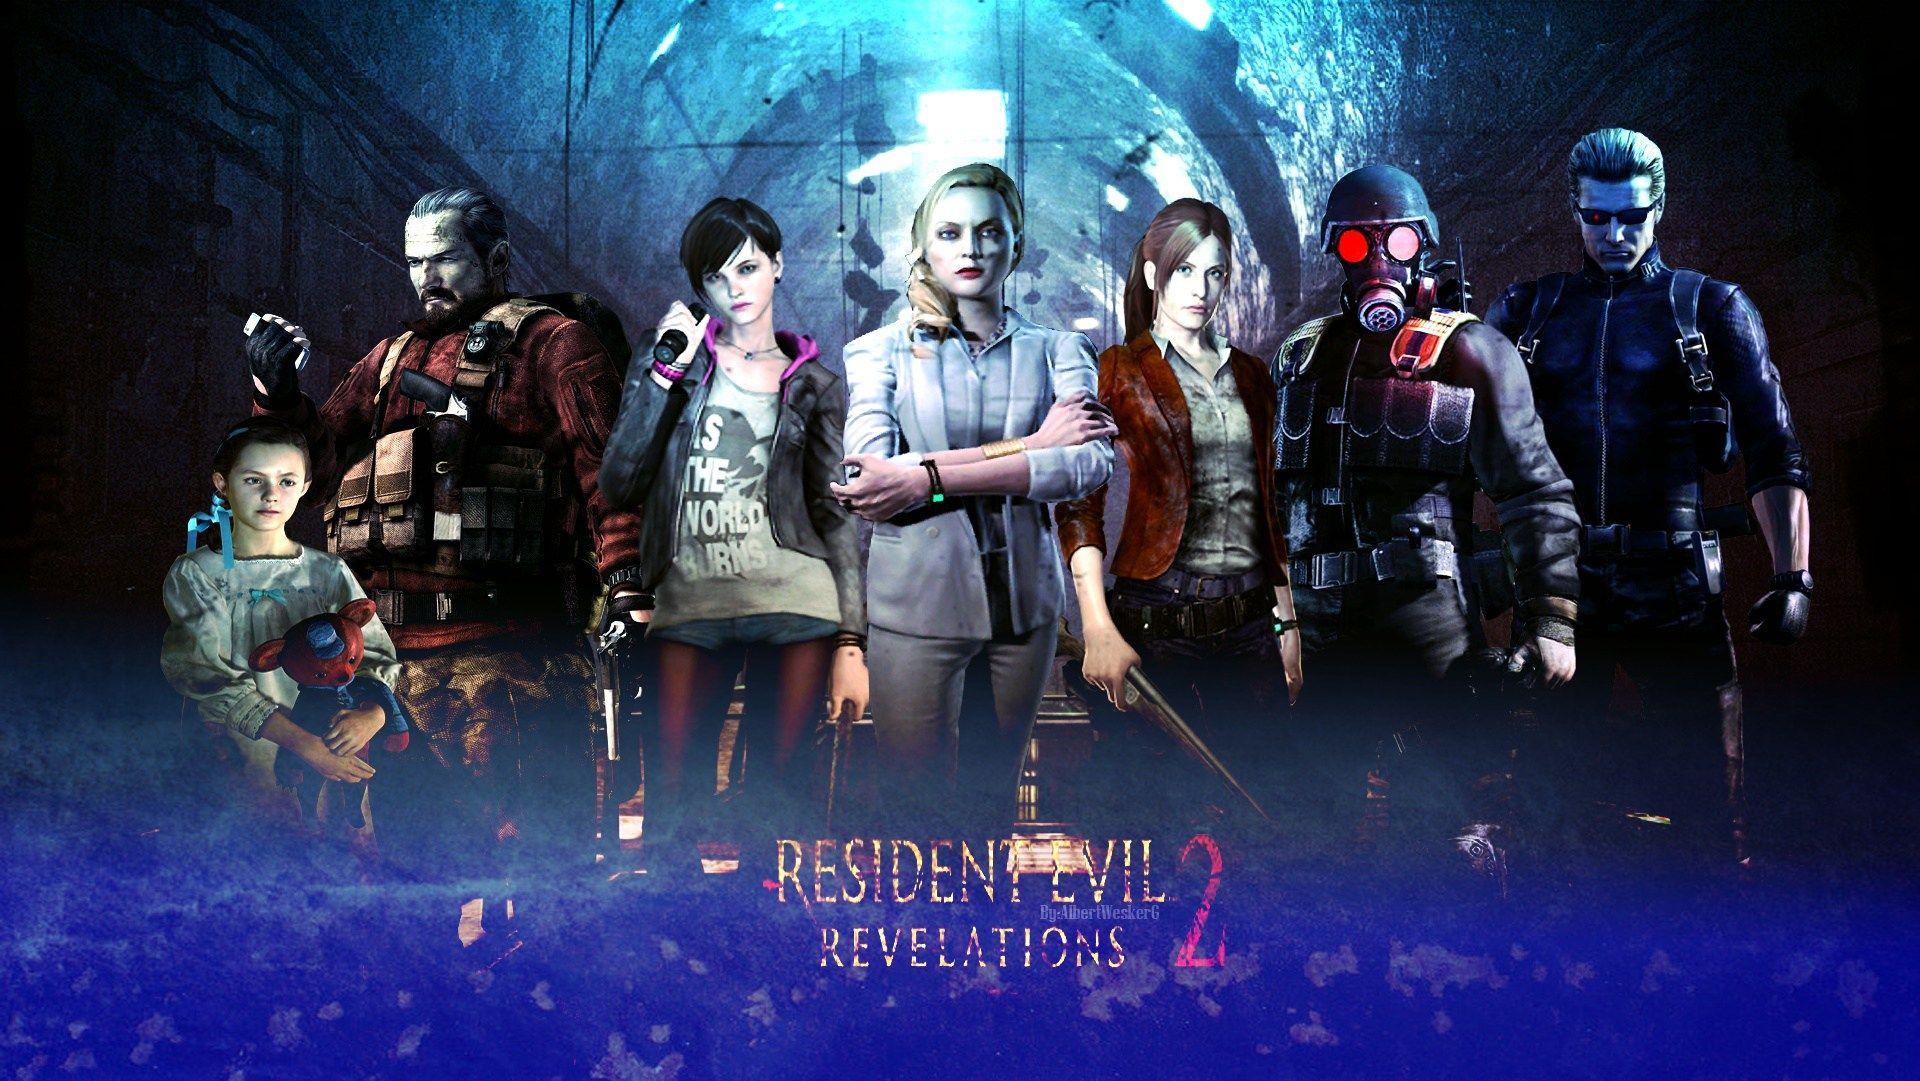 Resident Evil Game Wallpapers Hd Wallpaper For Desktop